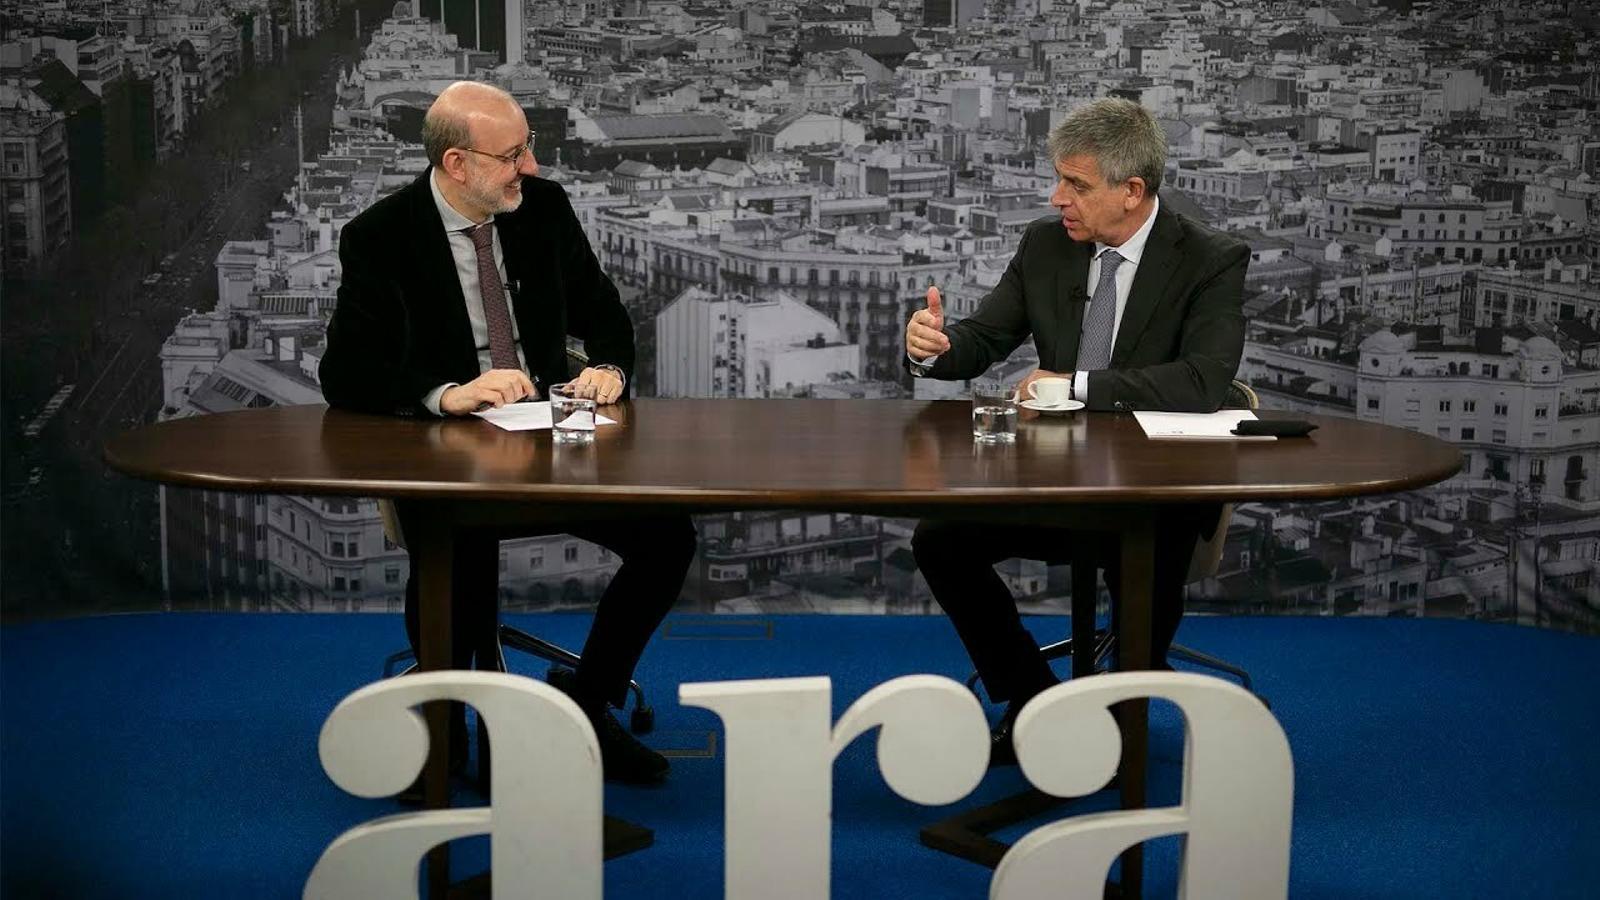 Entrevista d'Antoni Bassas a Jordi Mestre